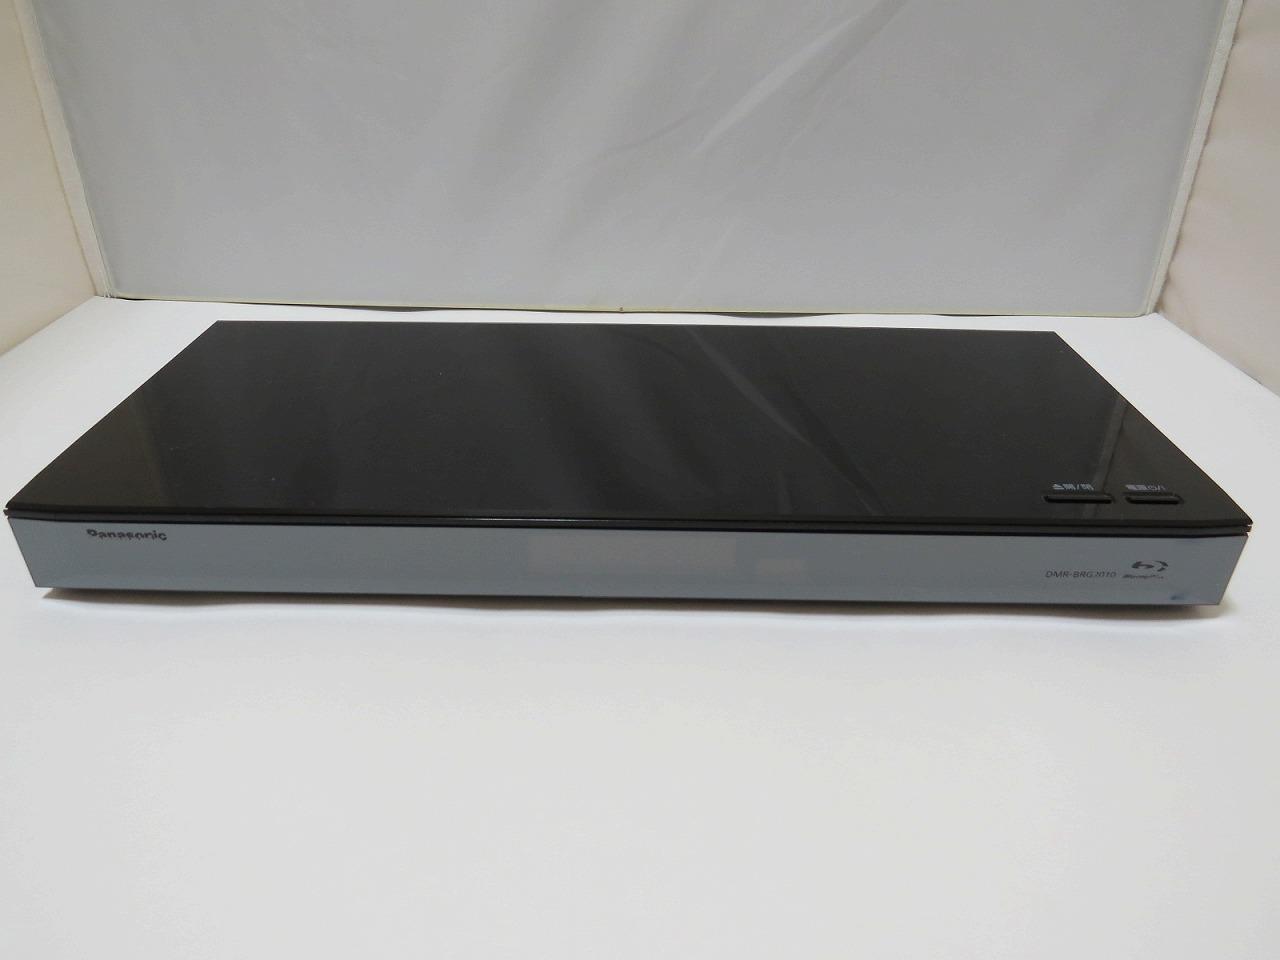 Panasonic DMR-BRG2010の中古を買ってみた。